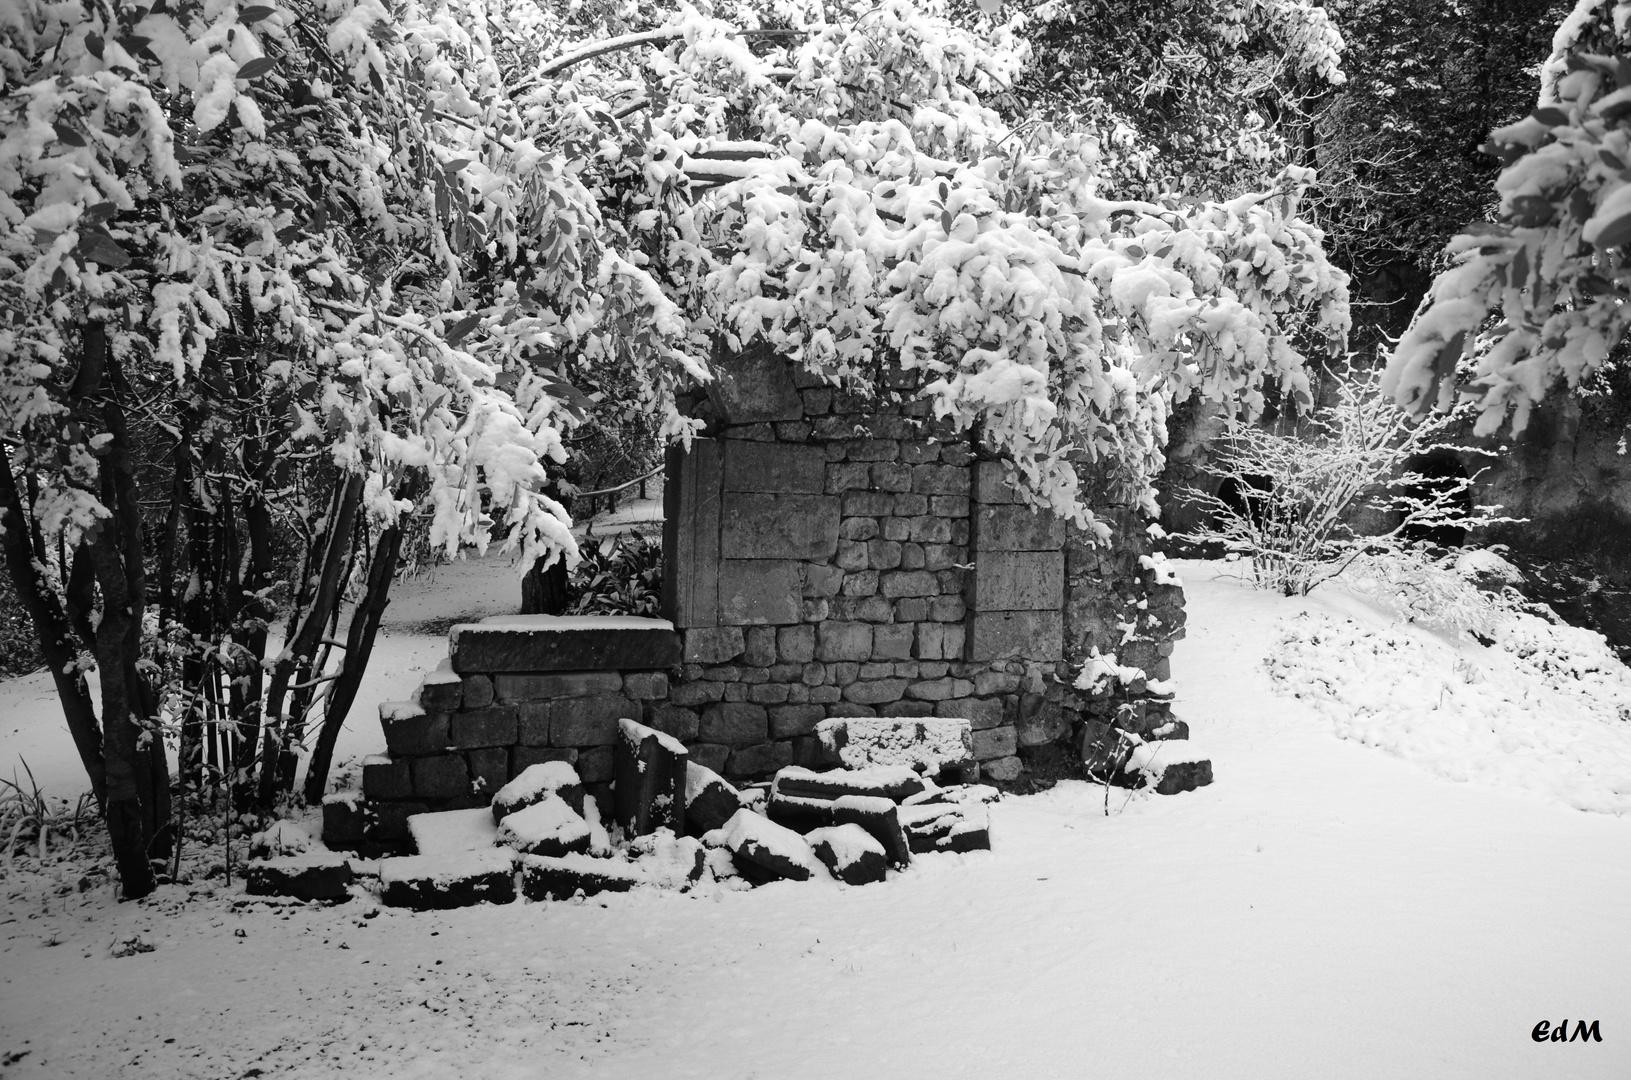 Ruderi Tra La Neve Foto Immagini Tecniche Speciali Bianco E Nero